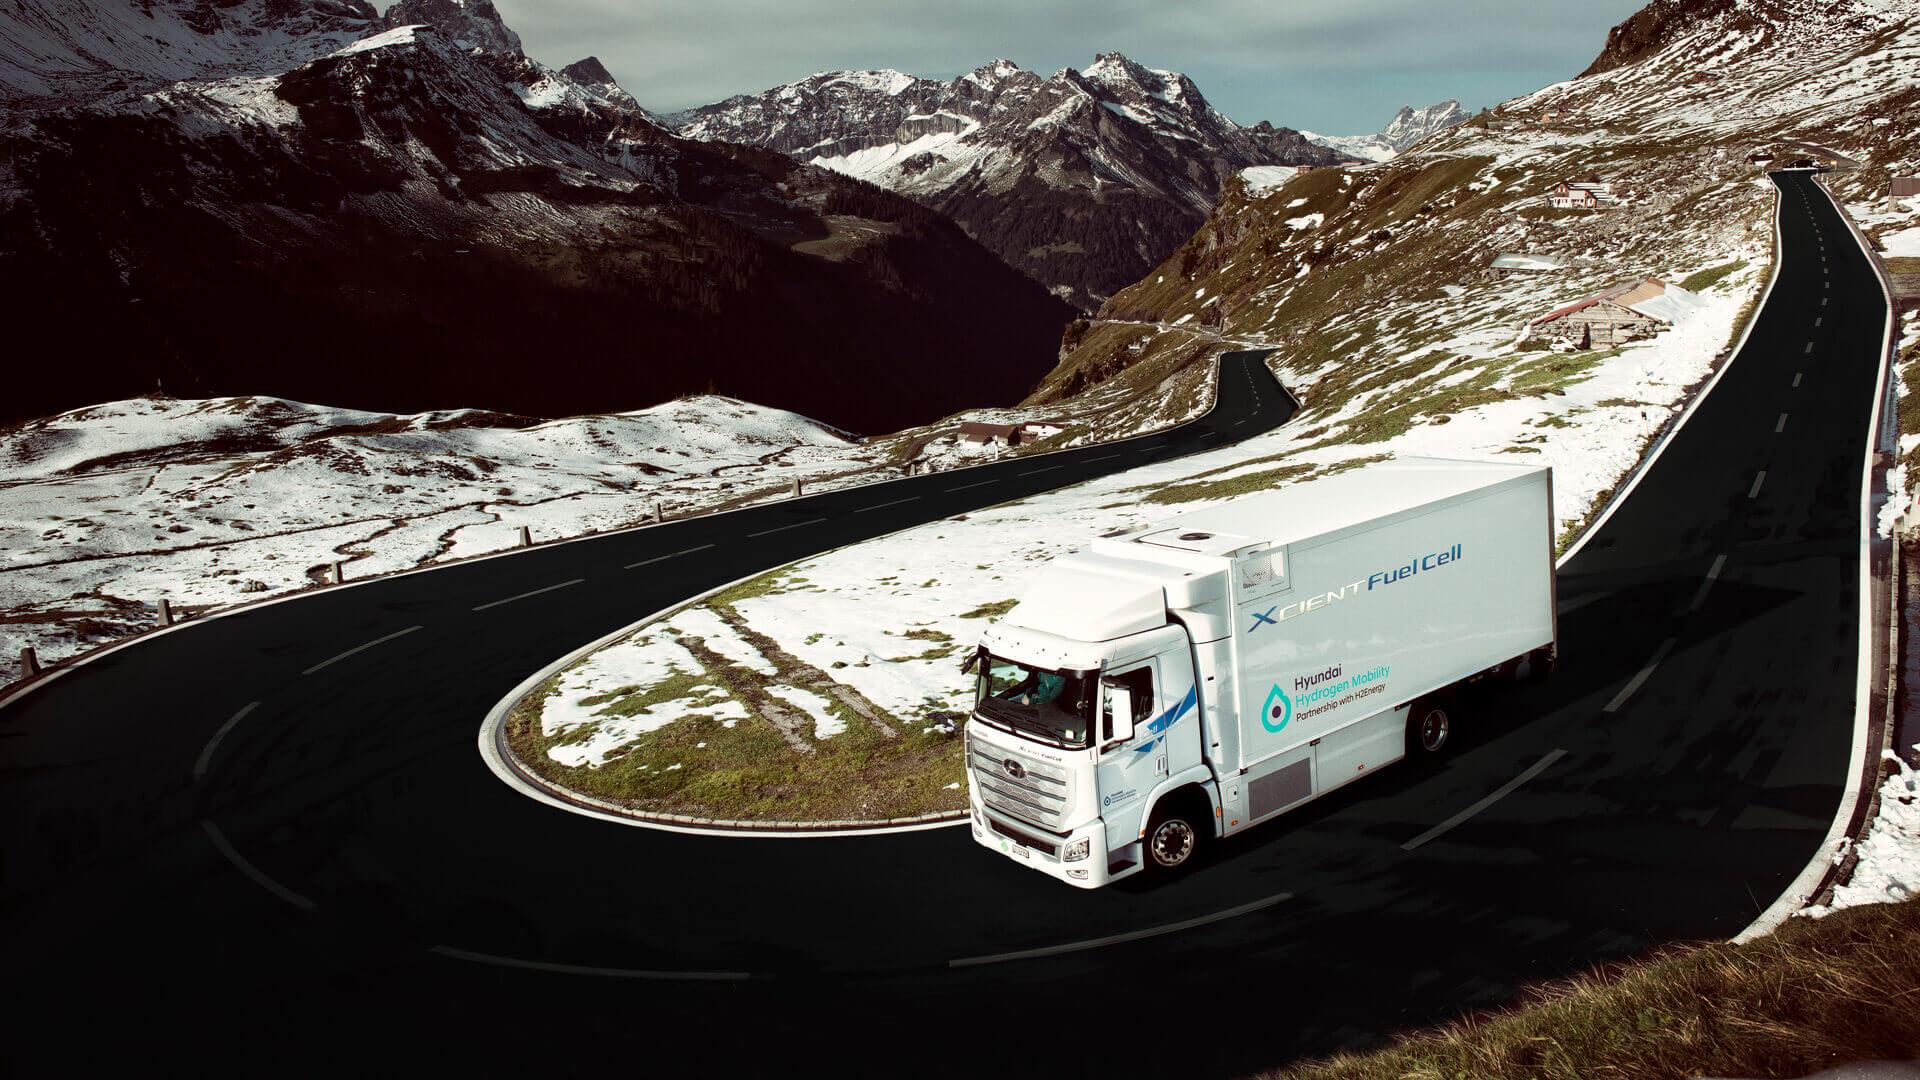 В рамках своего плана расширения производства Hyundai планирует поставить 1600 коммерческих грузовиков на топливных элементах к 2025 году